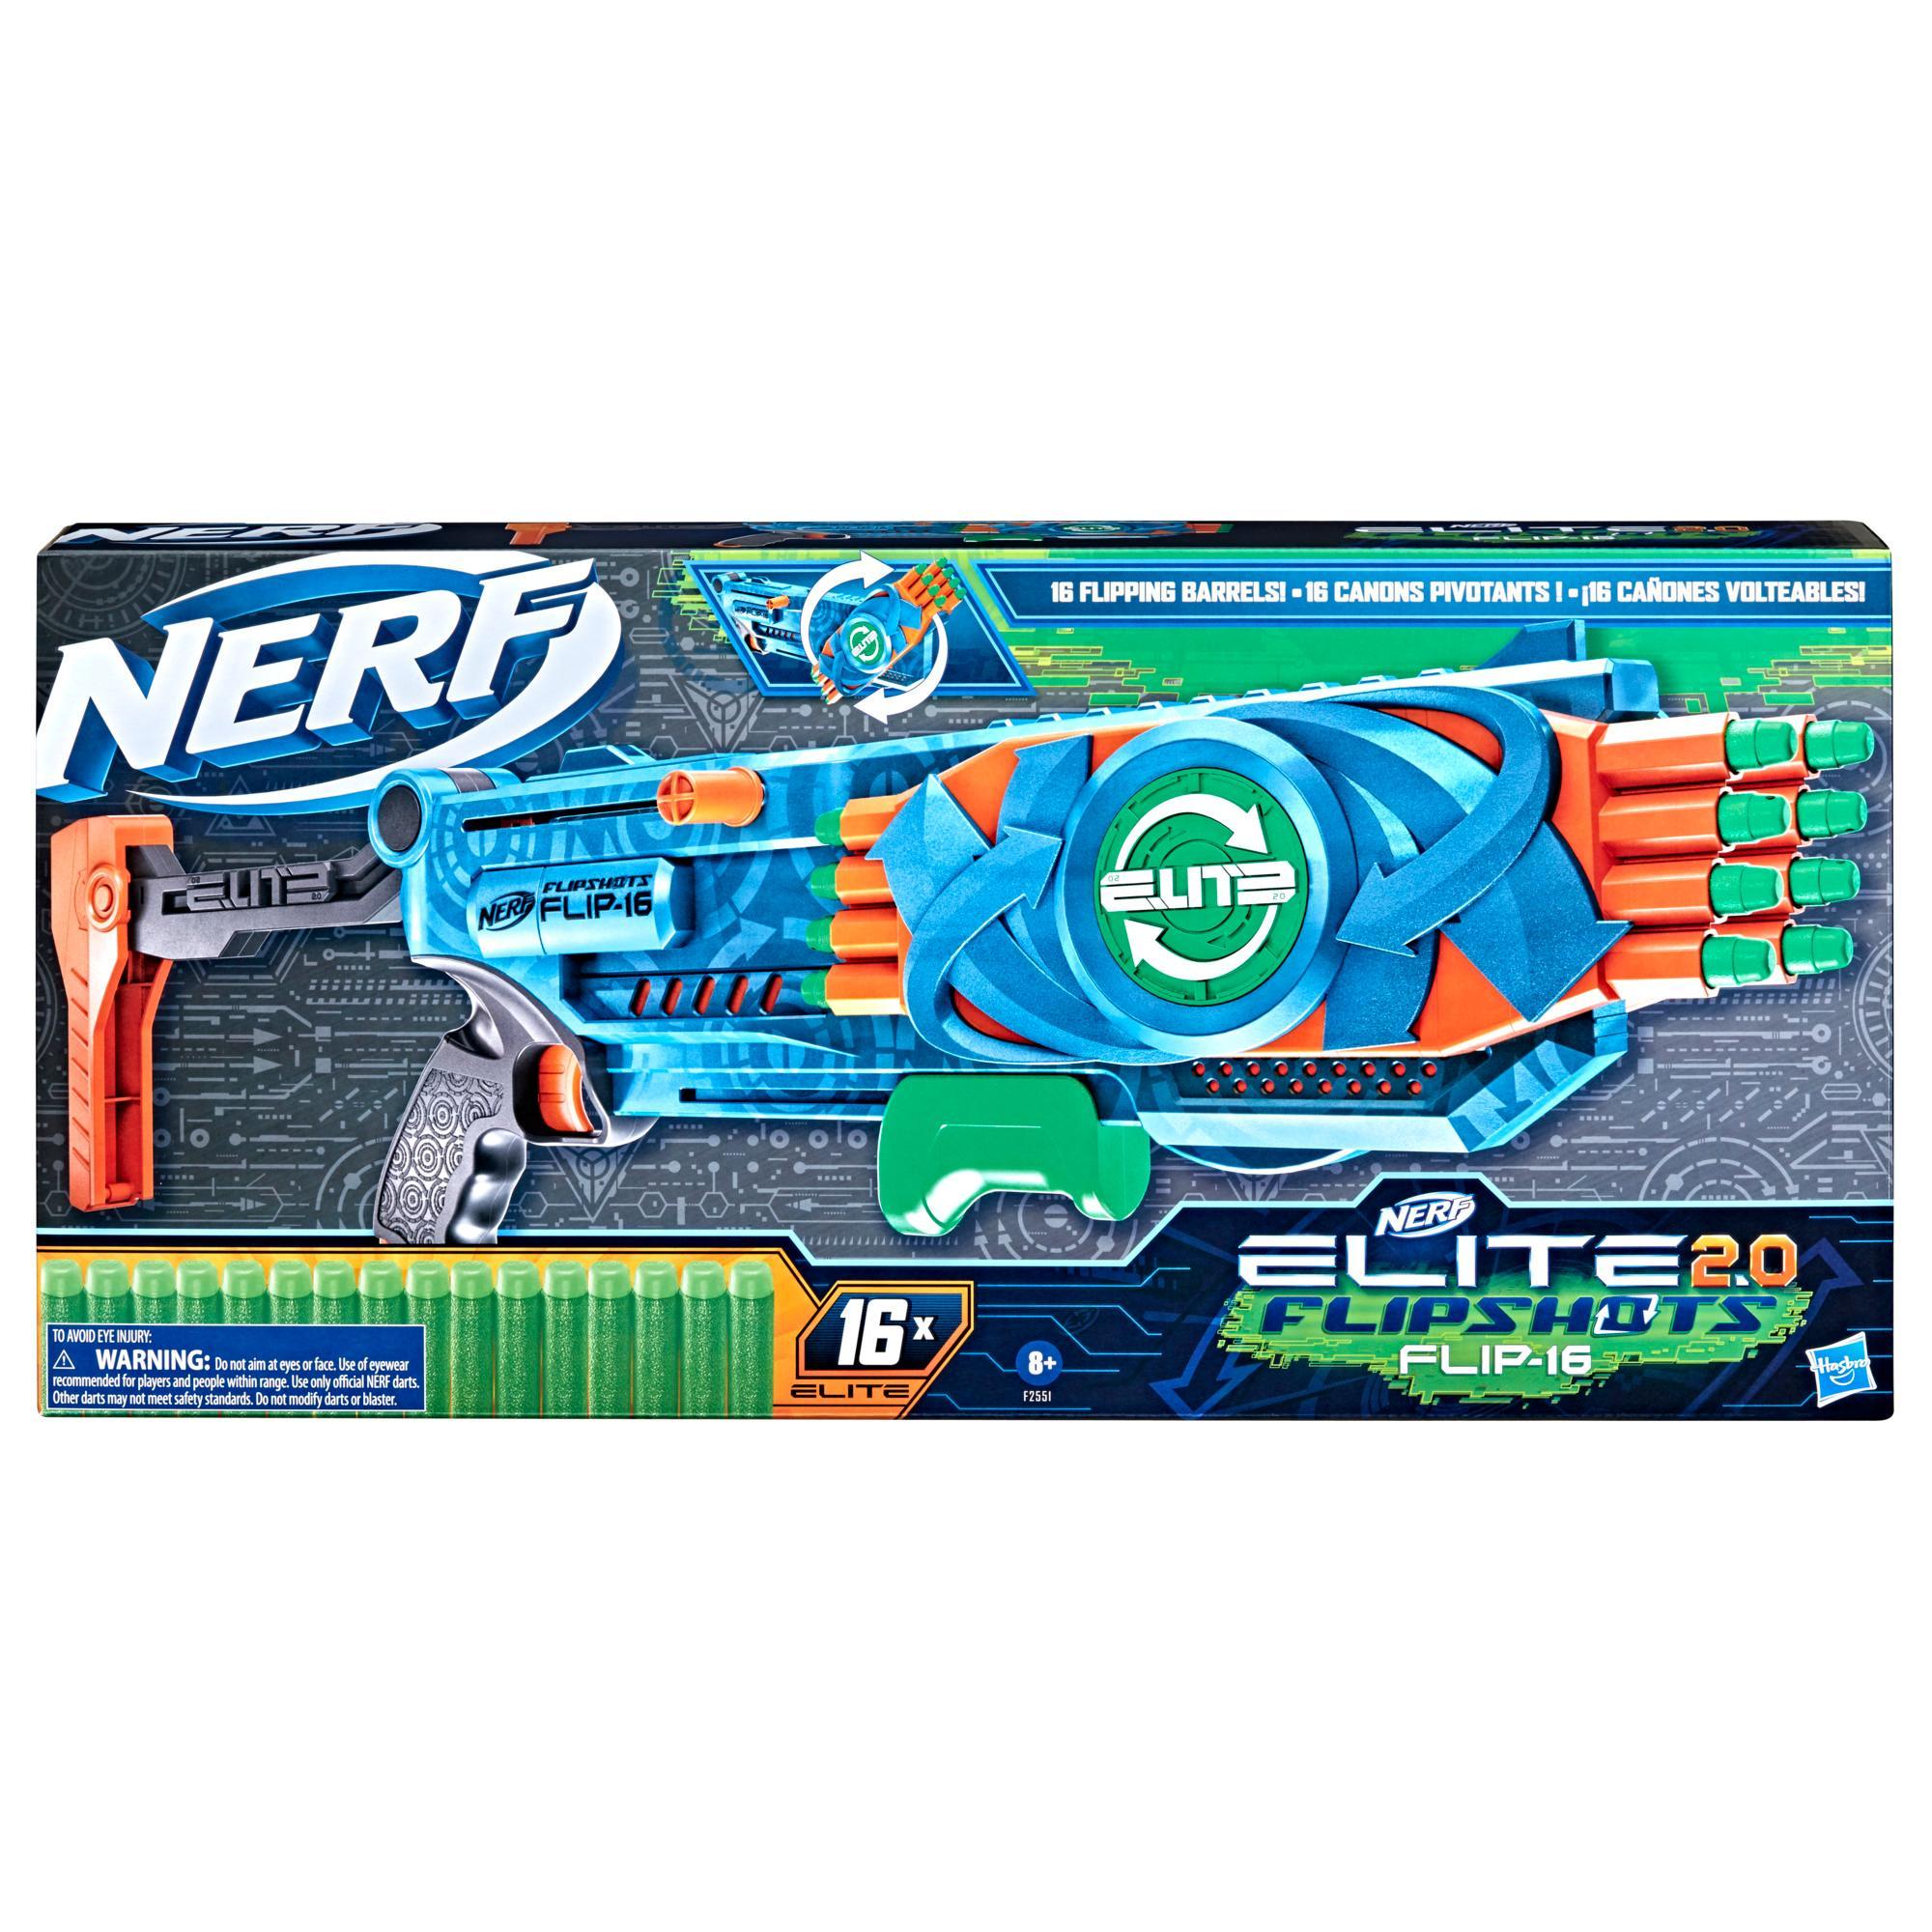 Nerf Elite 2.0 Flipshots Flip-16